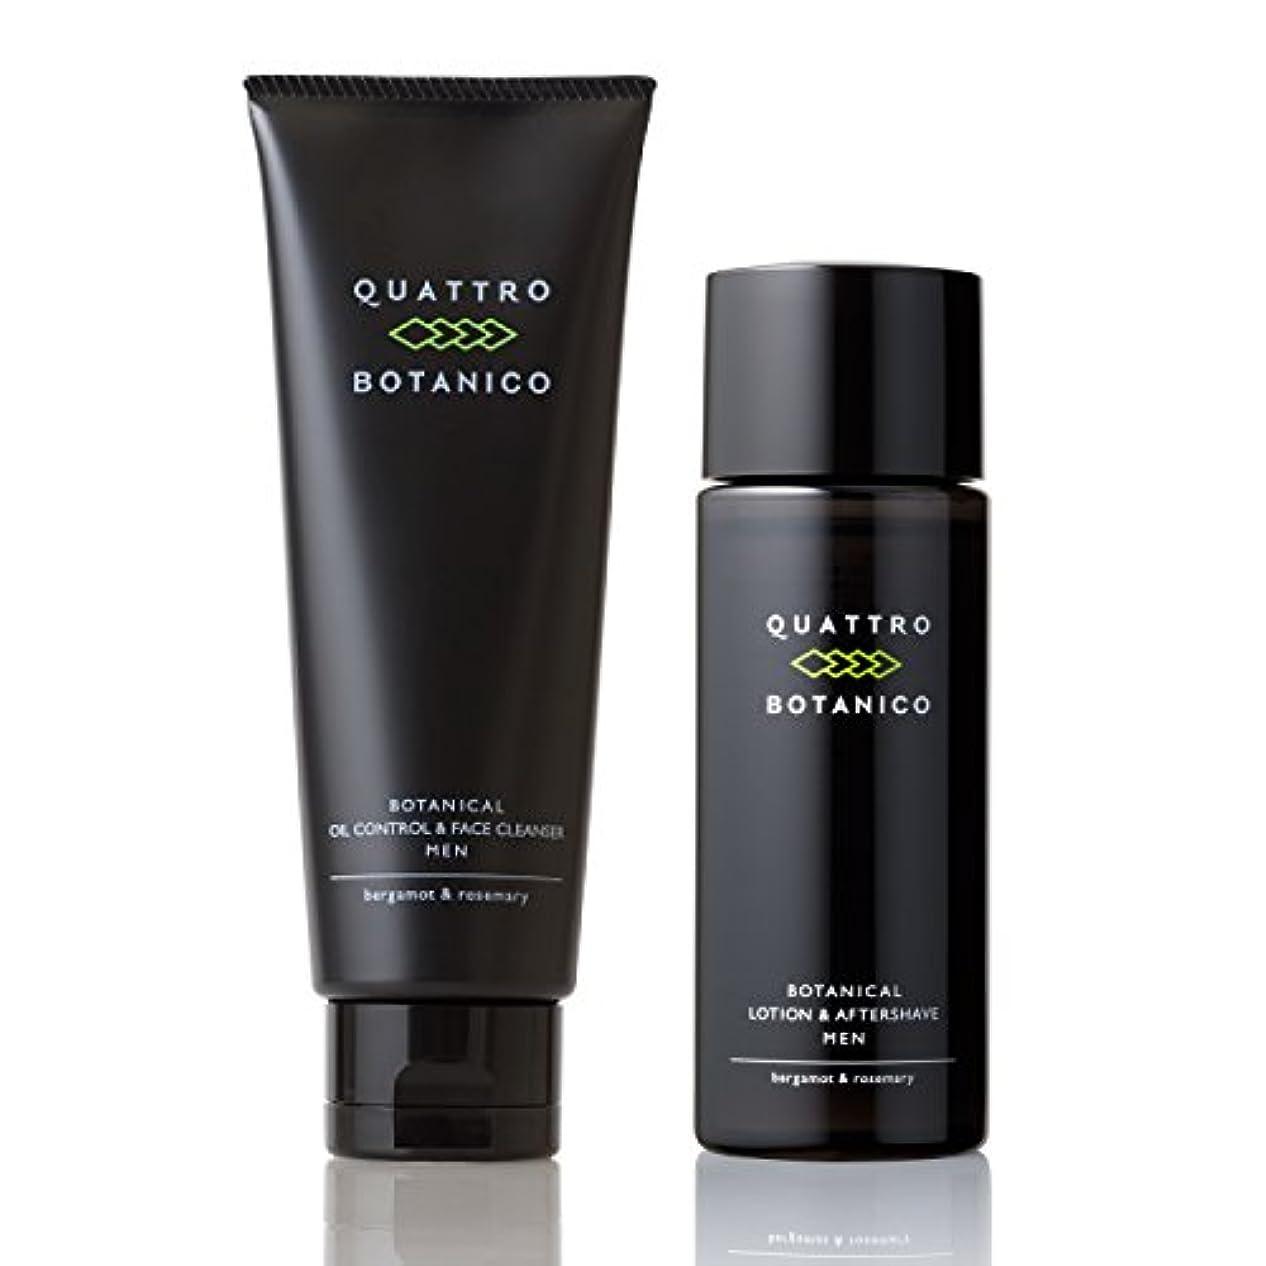 クワトロボタニコ (QUATTRO BOTANICO) 【 メンズ 化粧水 & 洗顔 】 ボタニカル ローション & フェイスクレンザー < 期間限定 > 男性化粧品 皮脂 テカリ ニキビ の気になる方に